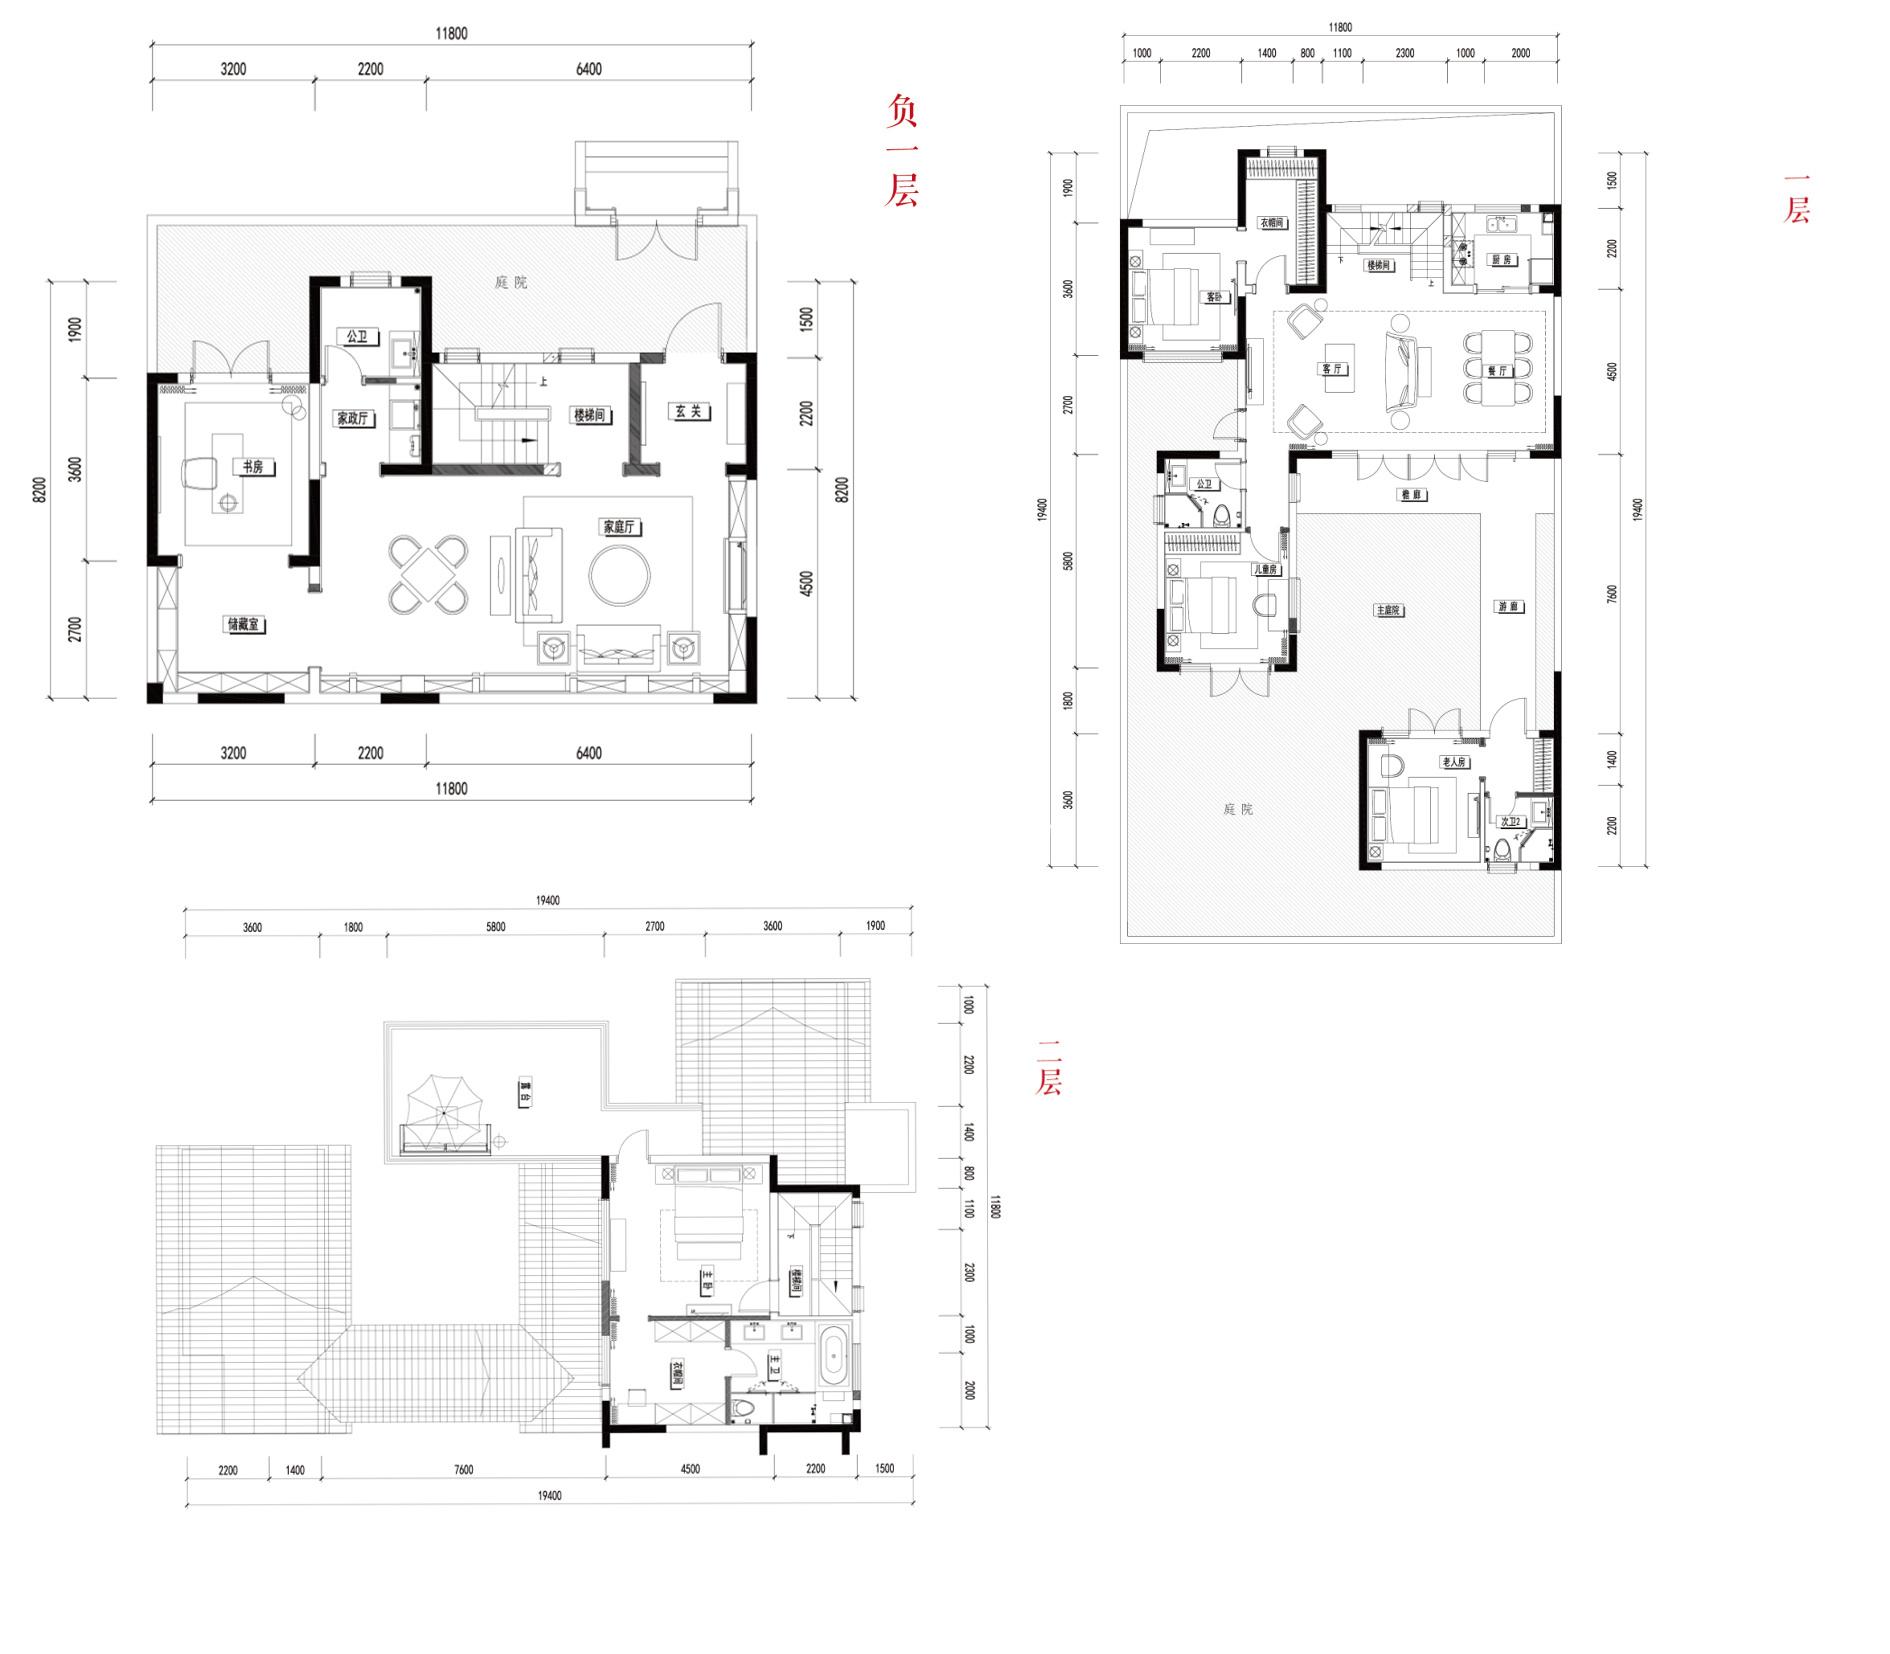 别墅B2  4室3厅4卫1厨 建面240㎡